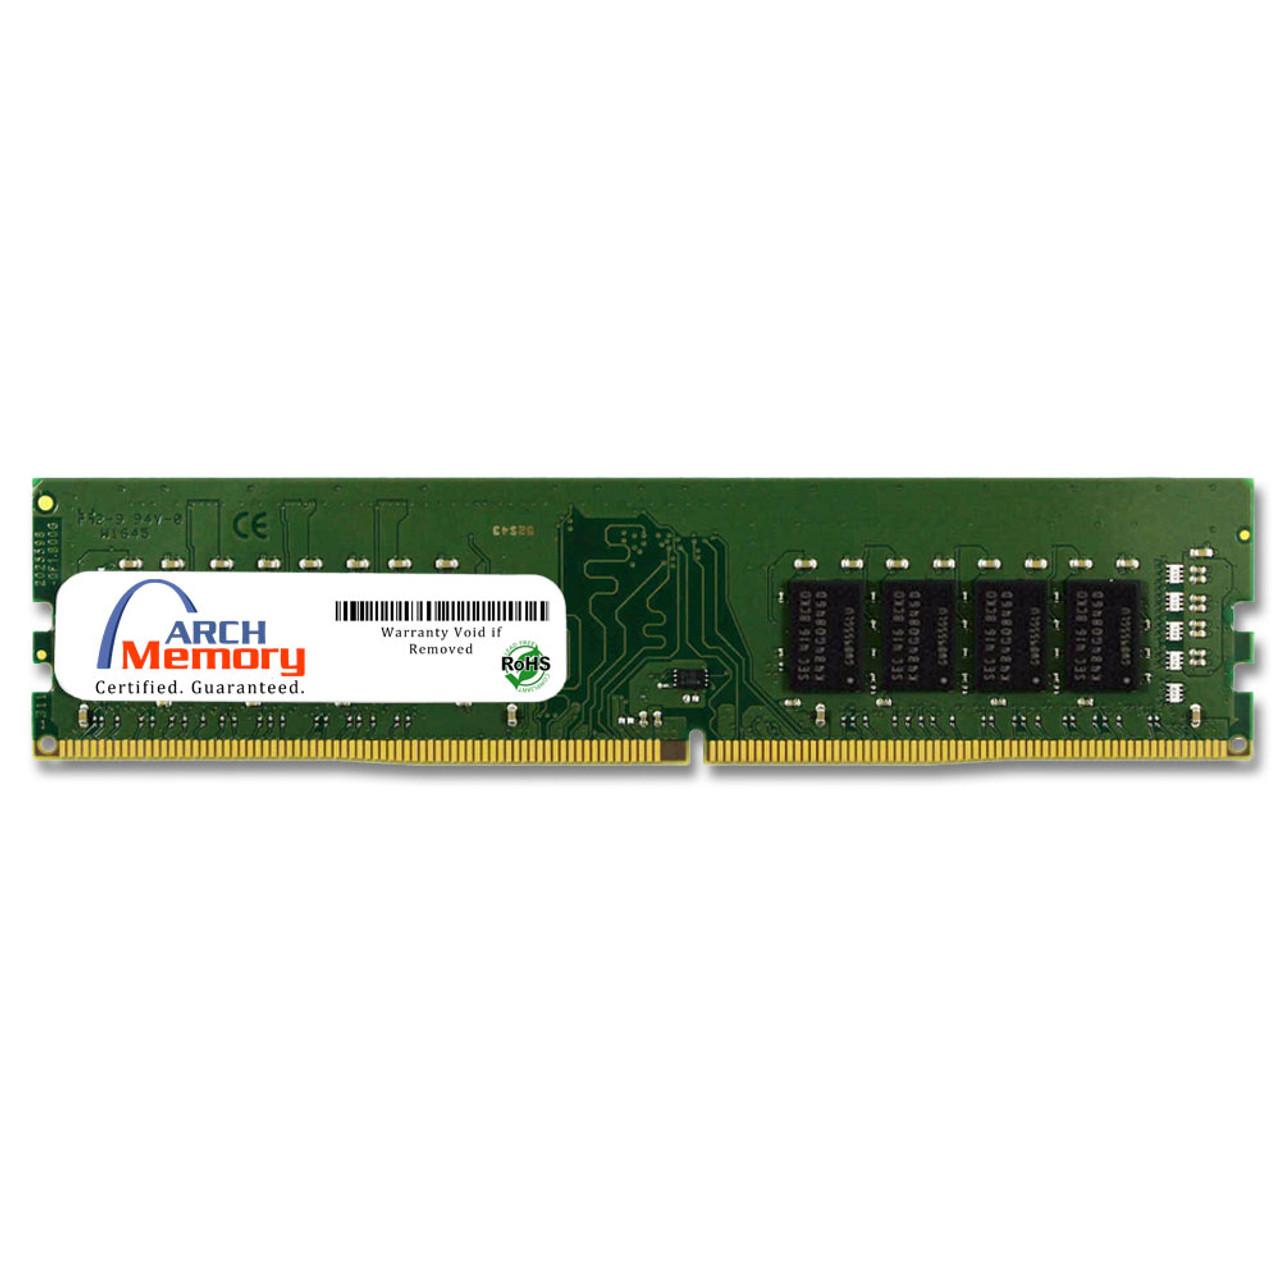 8GB 288-Pin DDR4-2666 PC4-21300 UDIMM RAM